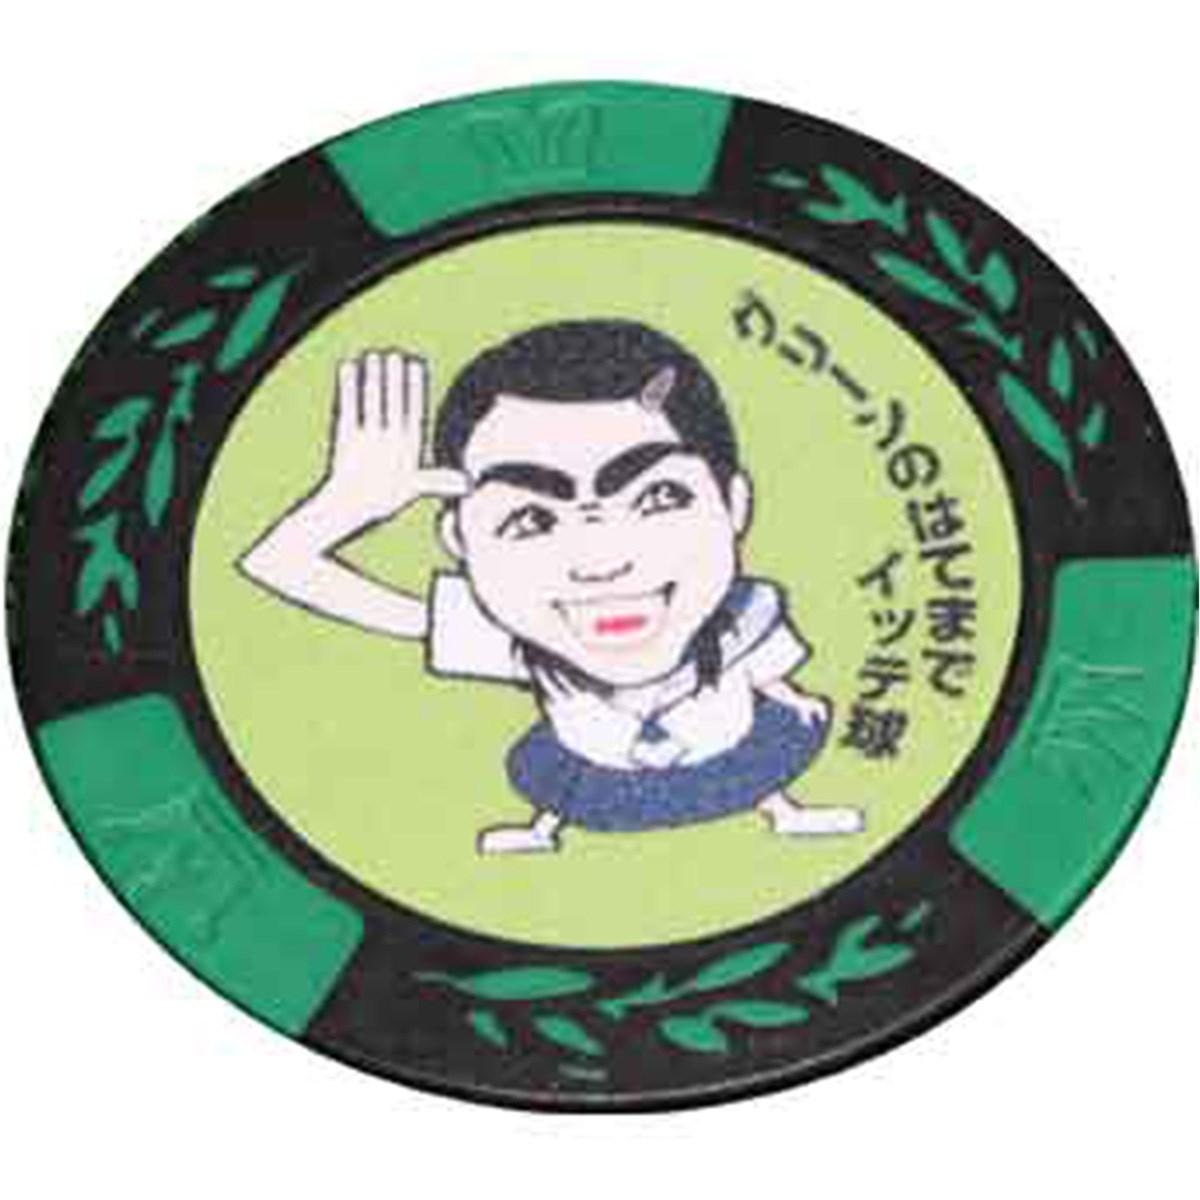 グリーンの果てまでイッテ球 カジノチップマーカー グリーン メンズ ゴルフ